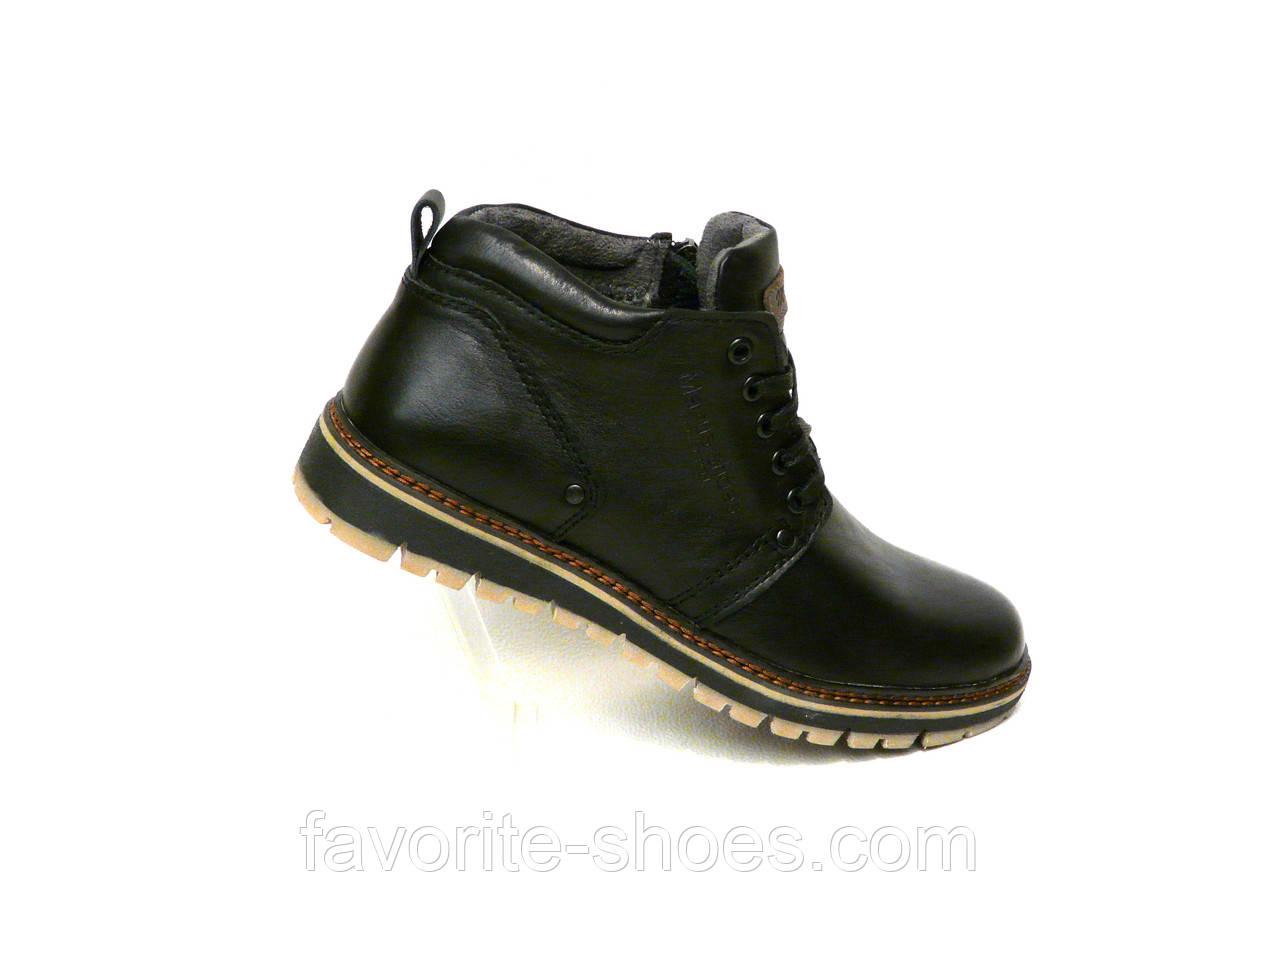 510f9abcd Зимние мужские кожаные ботинки Maxus - Интернет - магазин